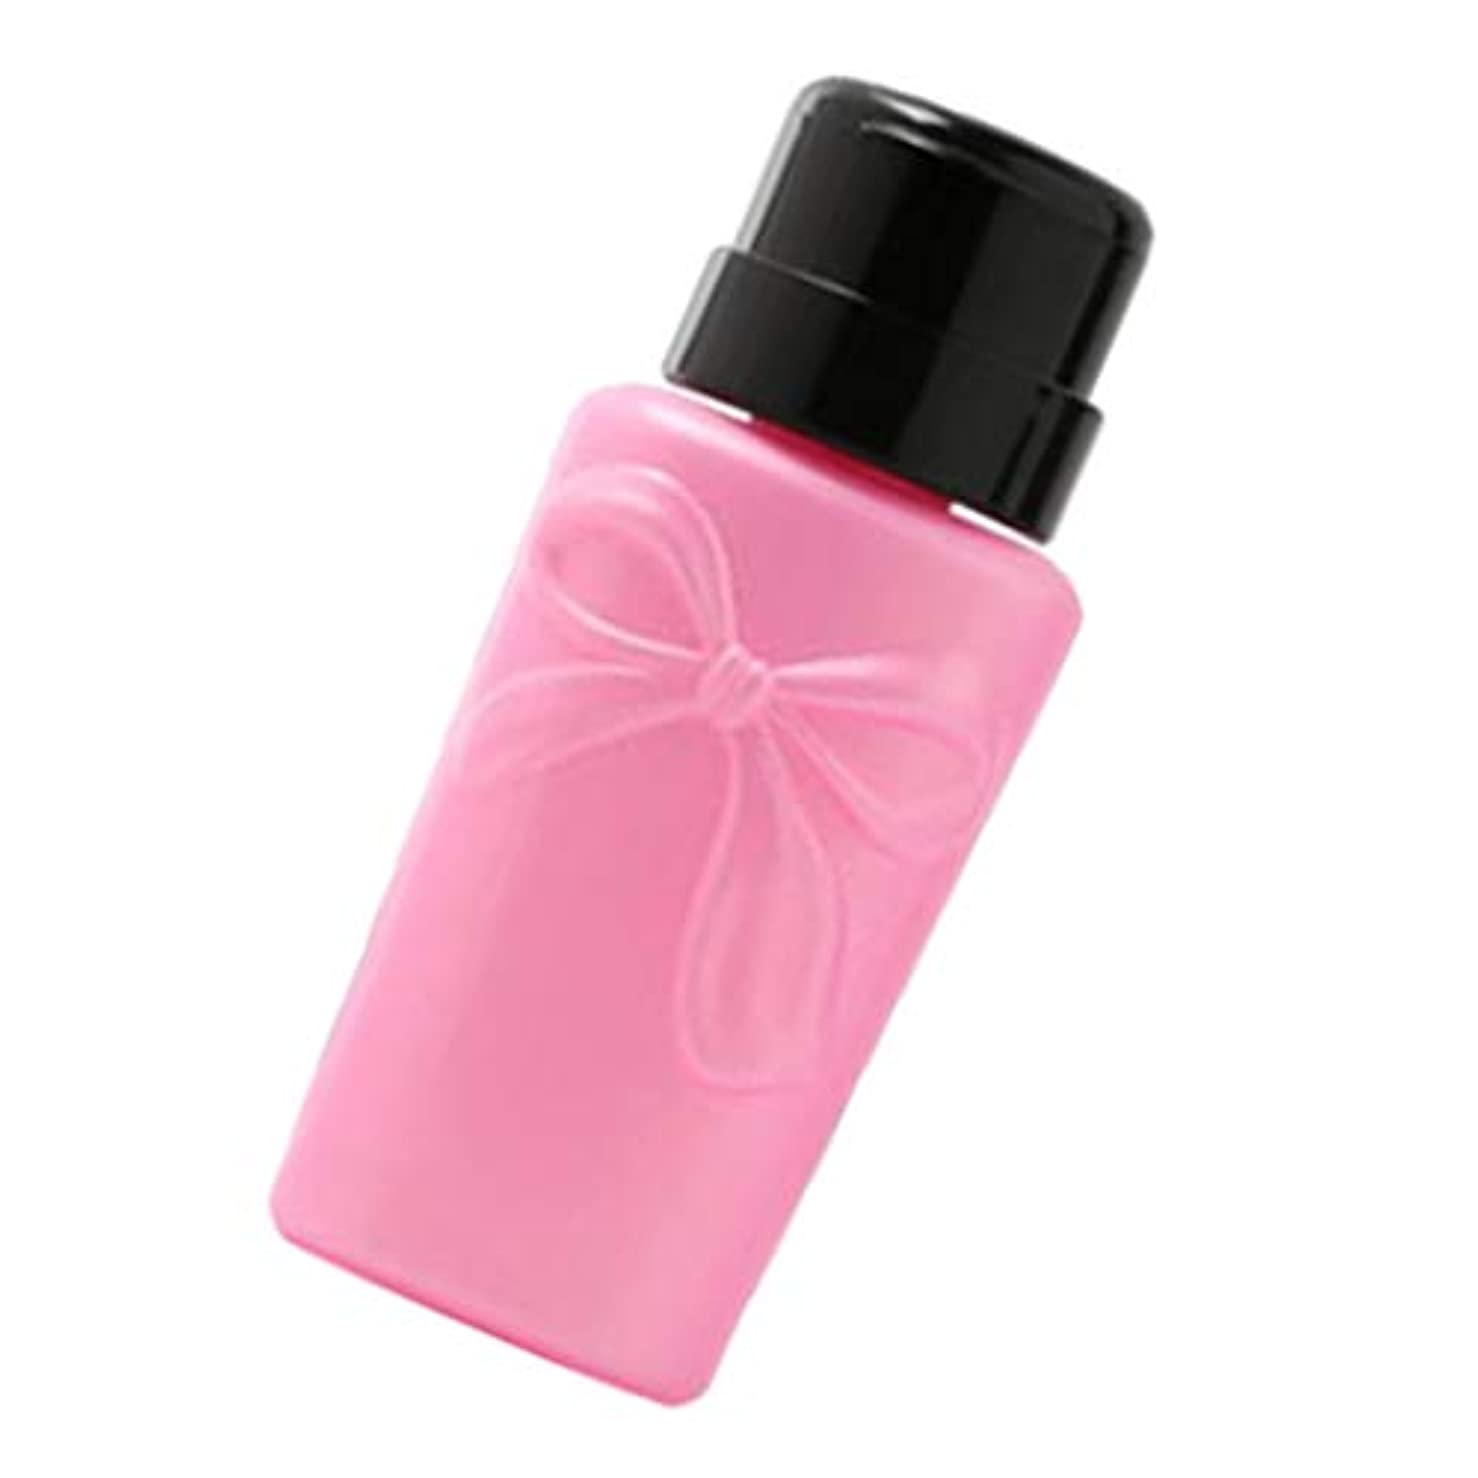 劇作家貧困大学生CUTICATE ポンプボトル ディスペンサーボトル ネイルポリッシュリムーバーボトル 空のプレスボトル 2色 - ピンク